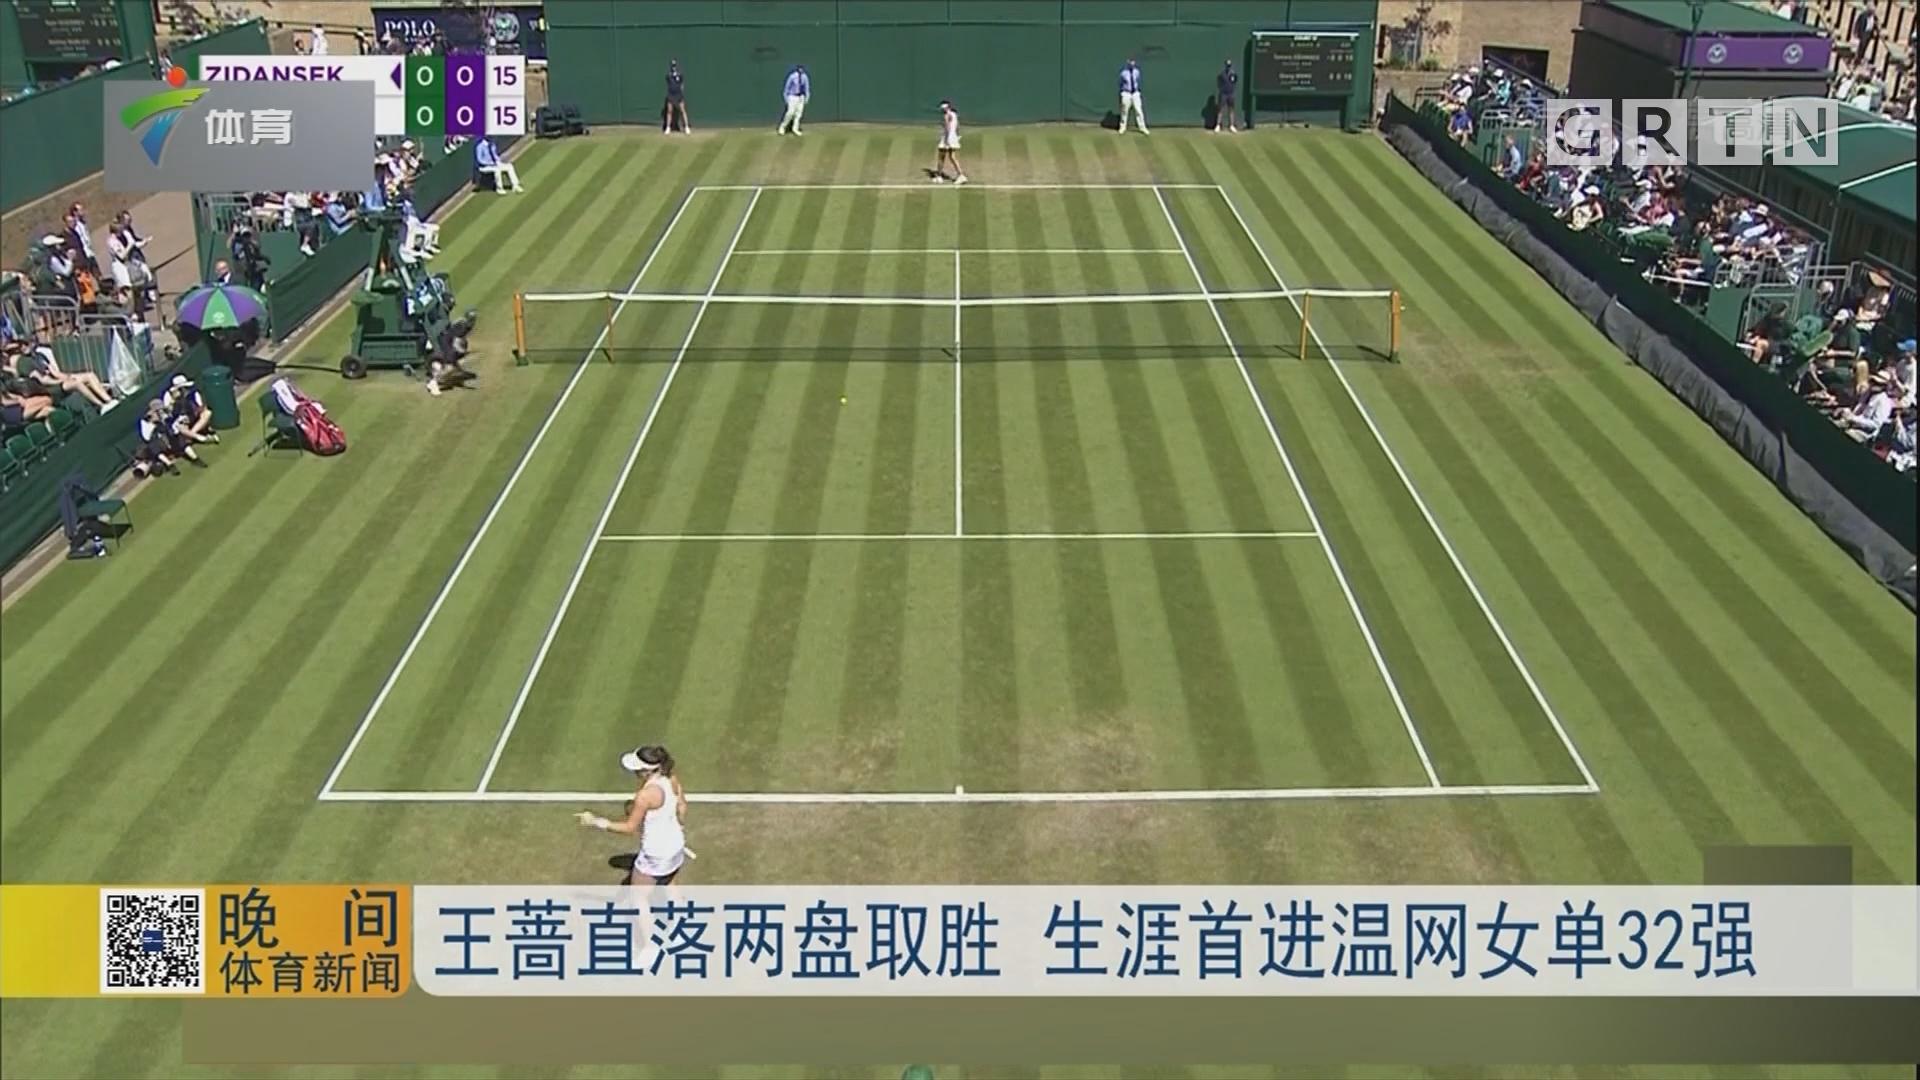 王薔直落兩盤取勝 生涯首進溫網女單32強